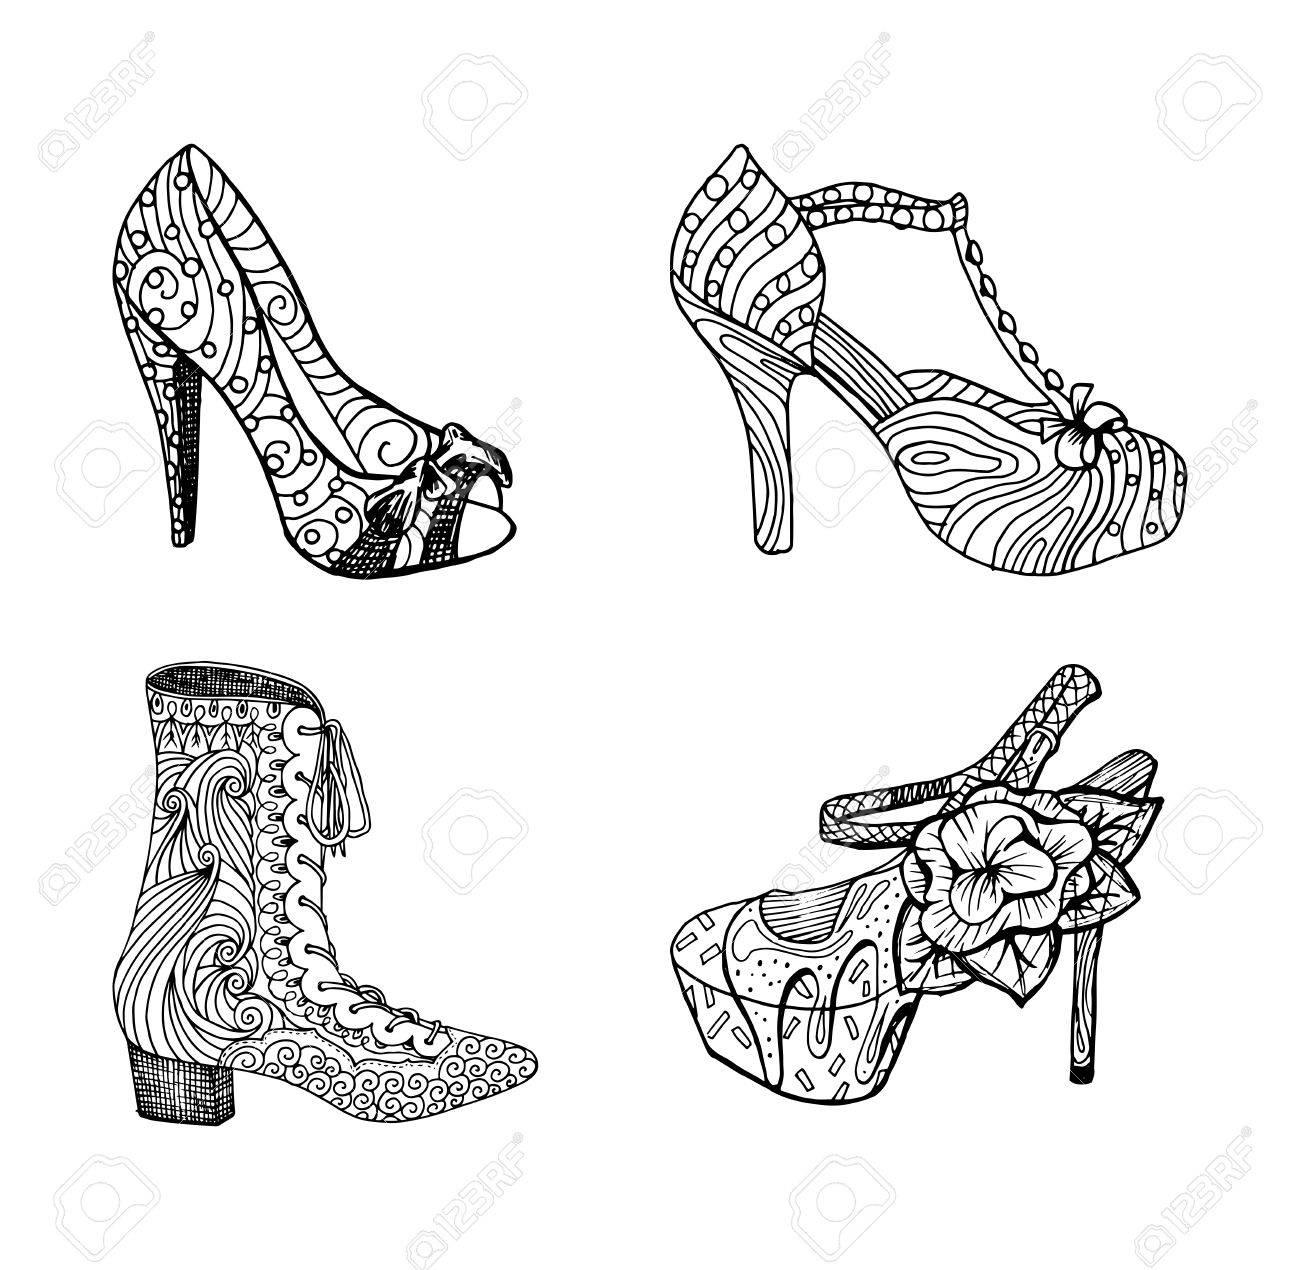 Zapatos De Tacón Alto Establecen Para La Mujer La Moda Del Calzado En Obra Relleno De Patrón De Estilo Blackblack Clipart Aislada Por Las Páginas